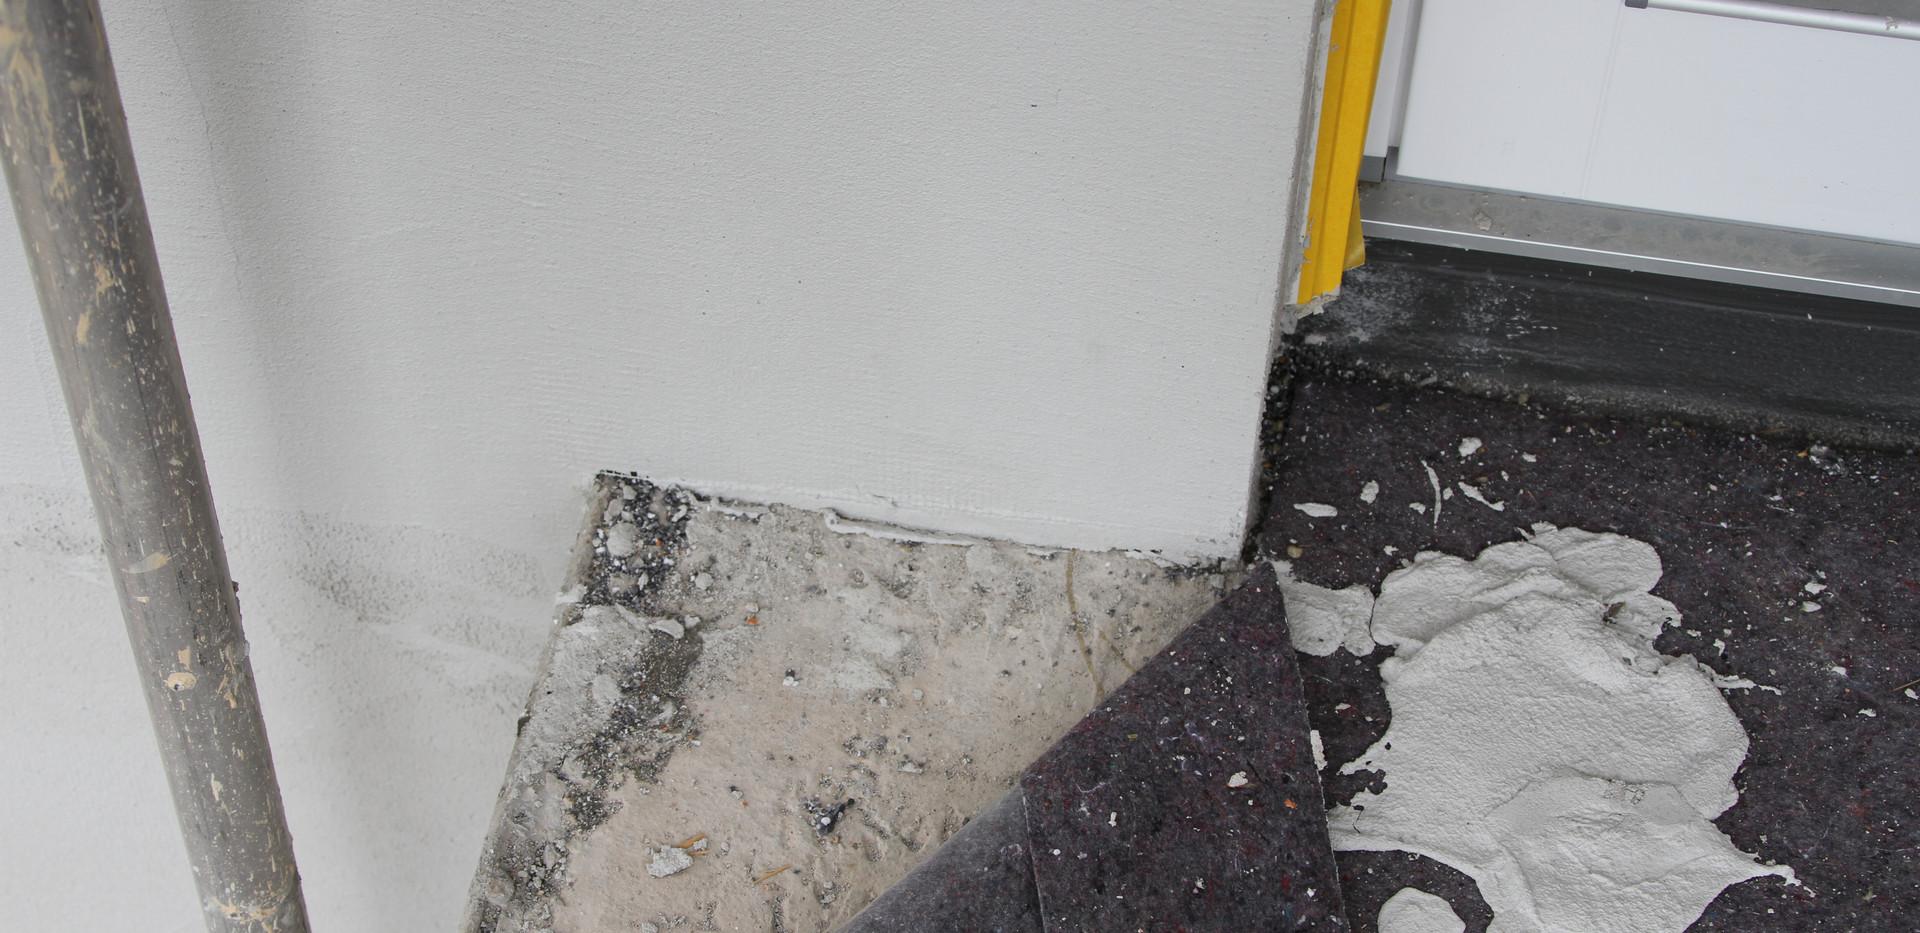 Mangelnde Gebäudeabdichtung hinter WDVS